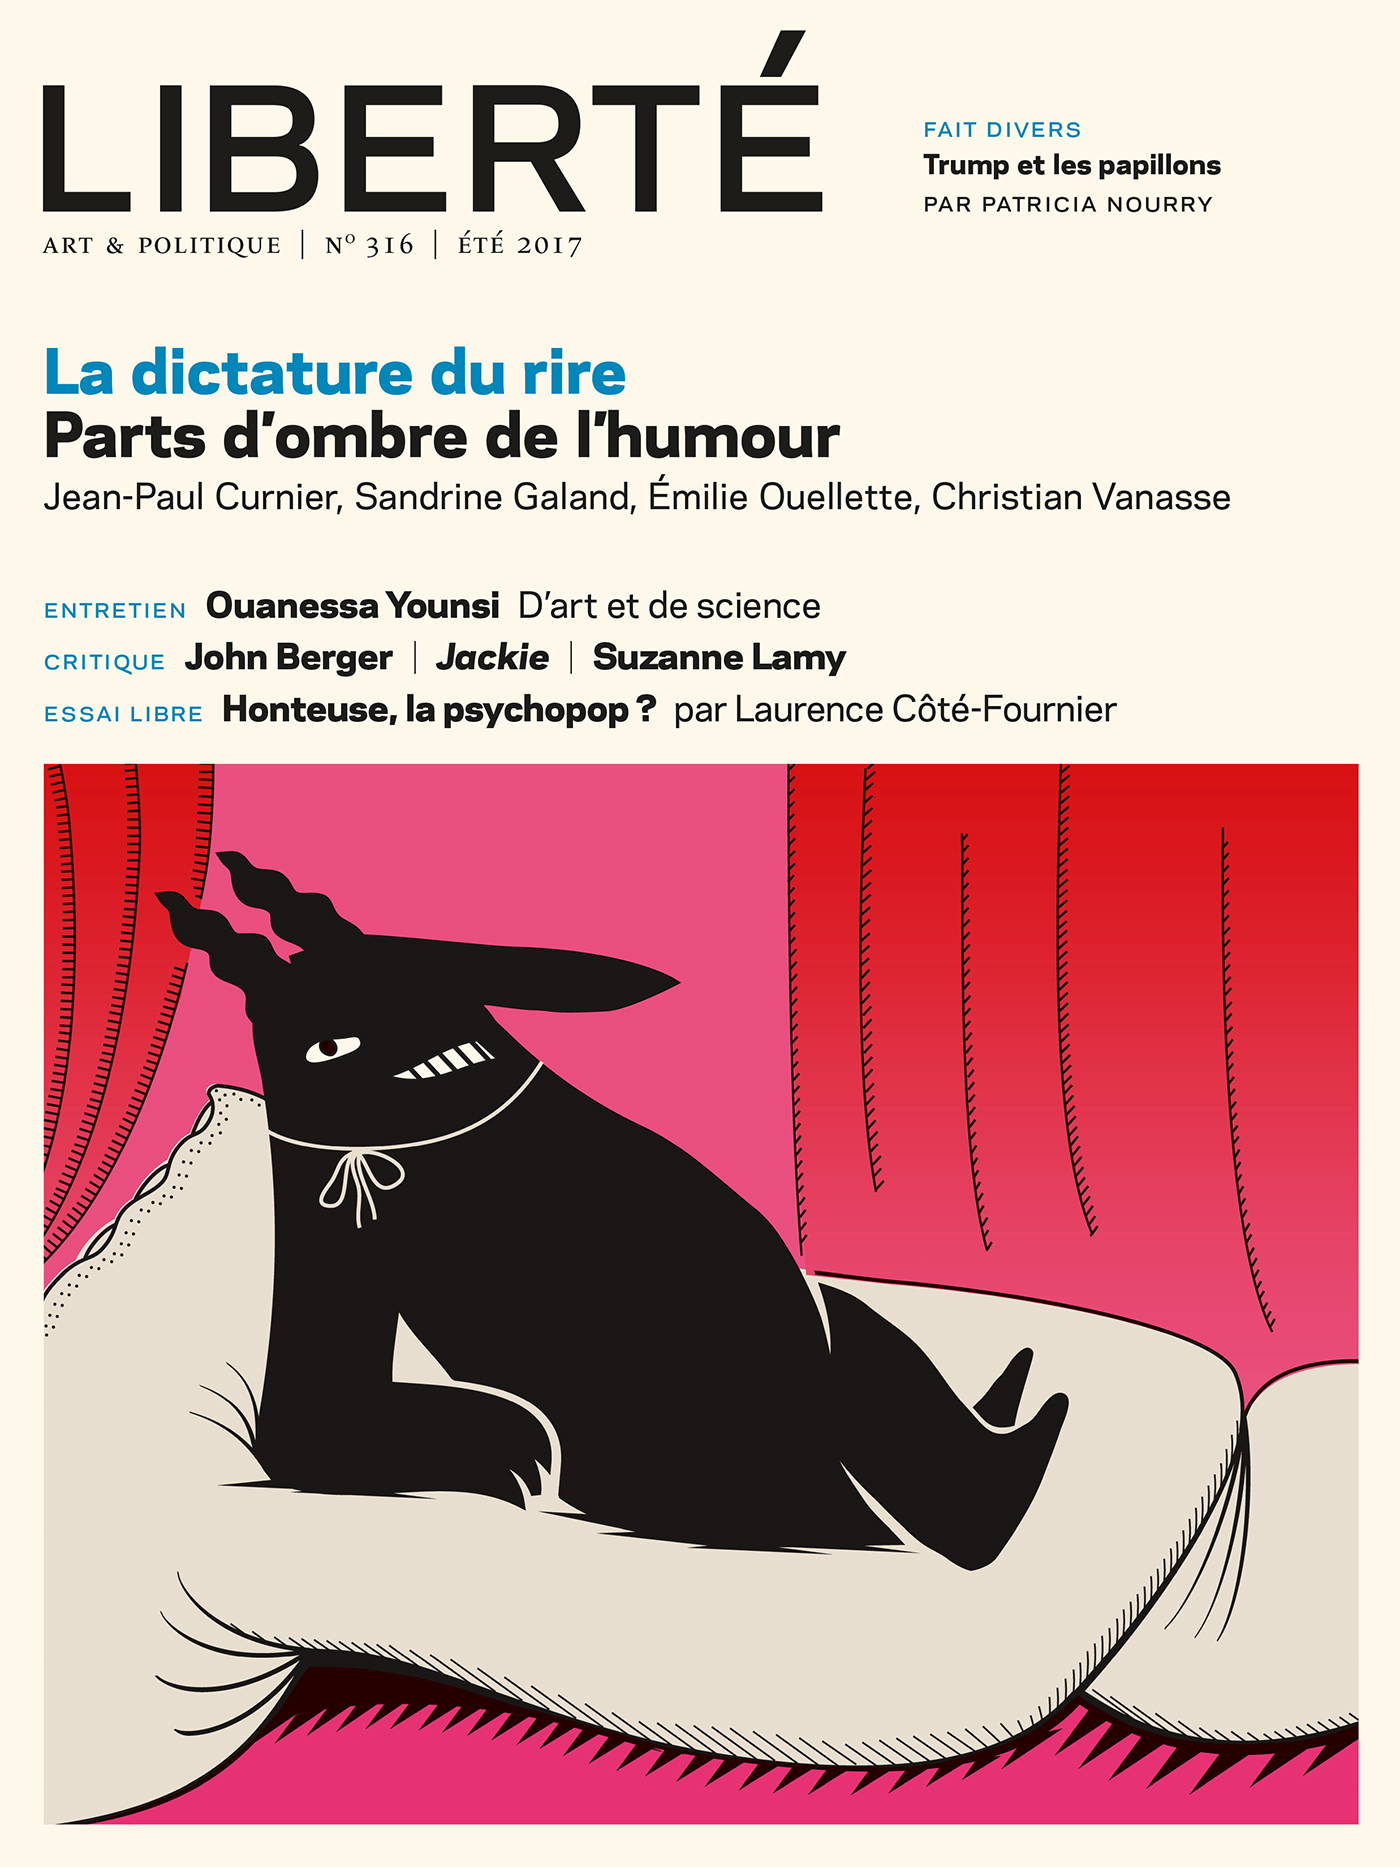 Revue Liberté 316 - La dictature du rire